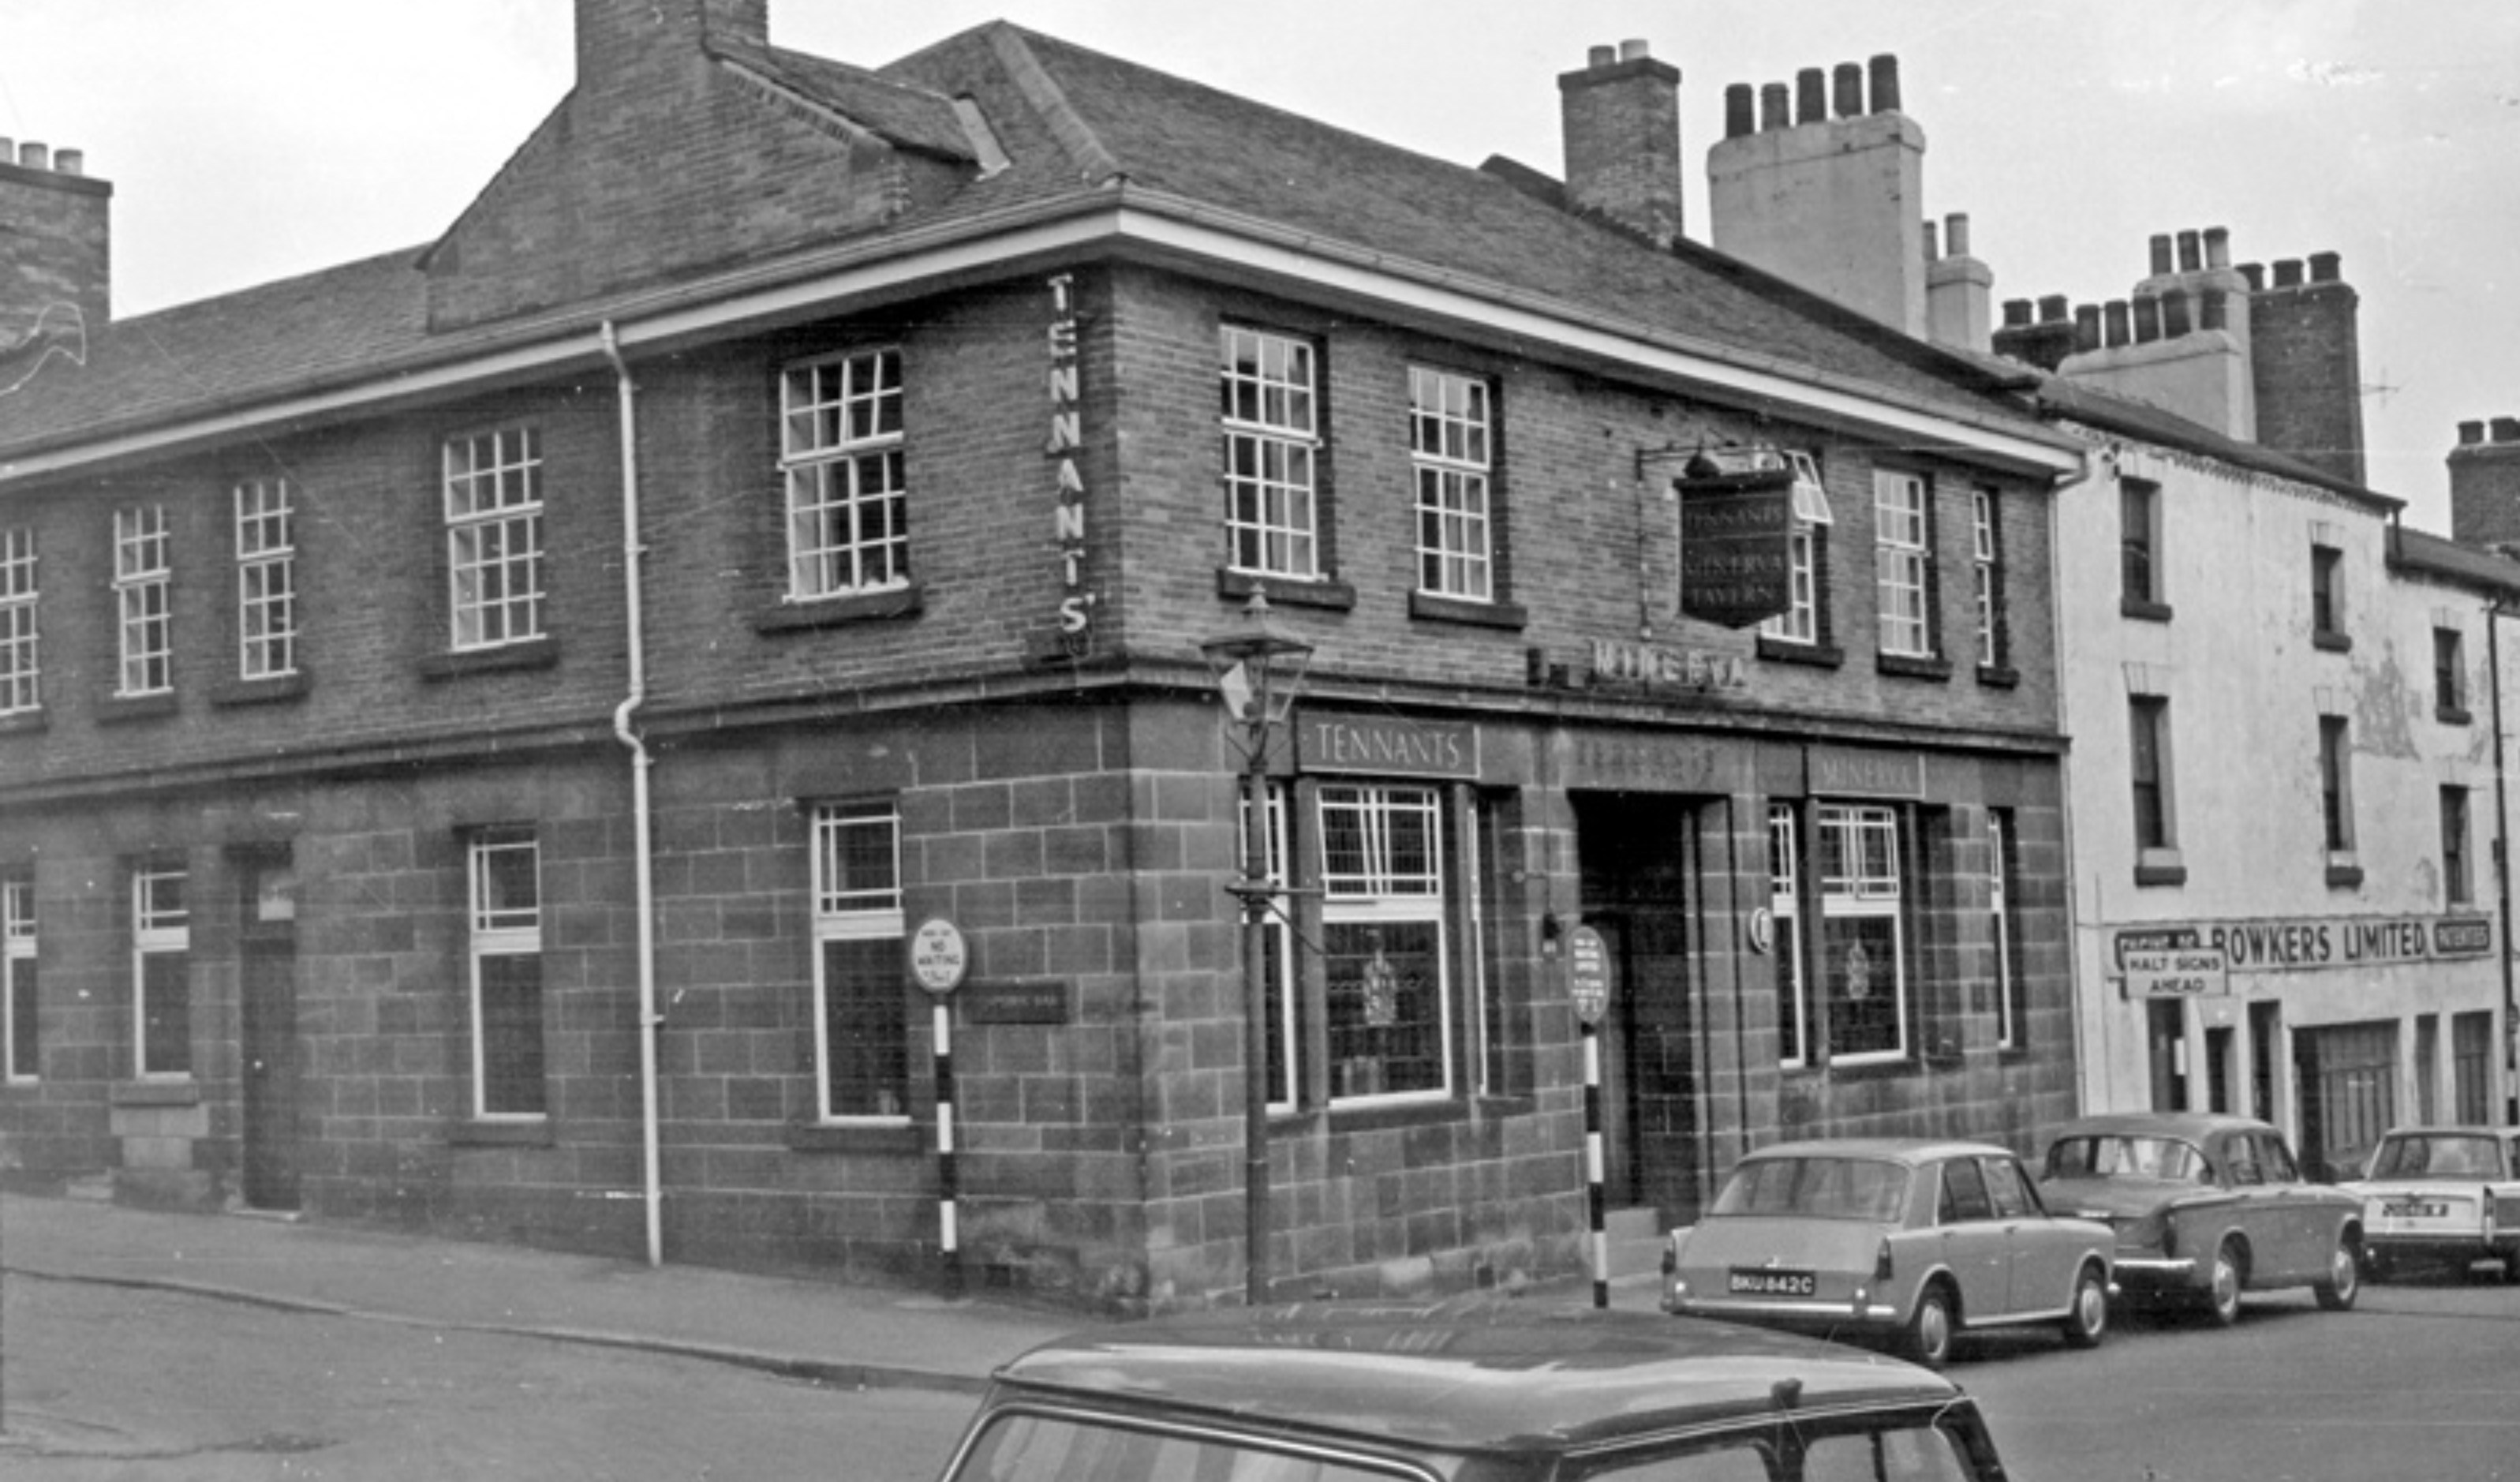 The Minerva Tavern